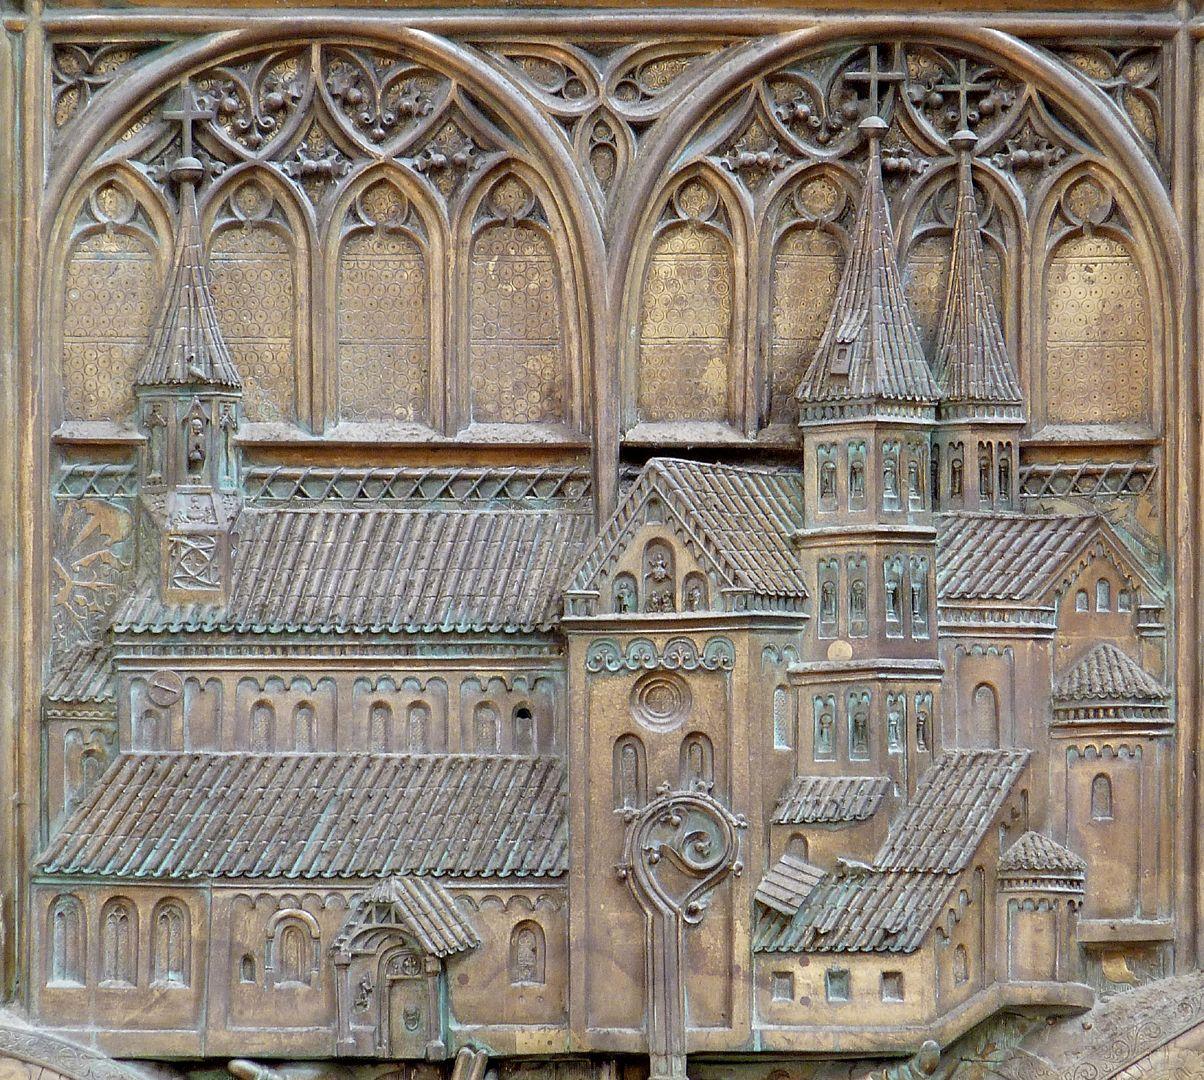 Memorial panel for Hariolf and Erlolf Kirchenmodell vor dem Blendarkadenpaar